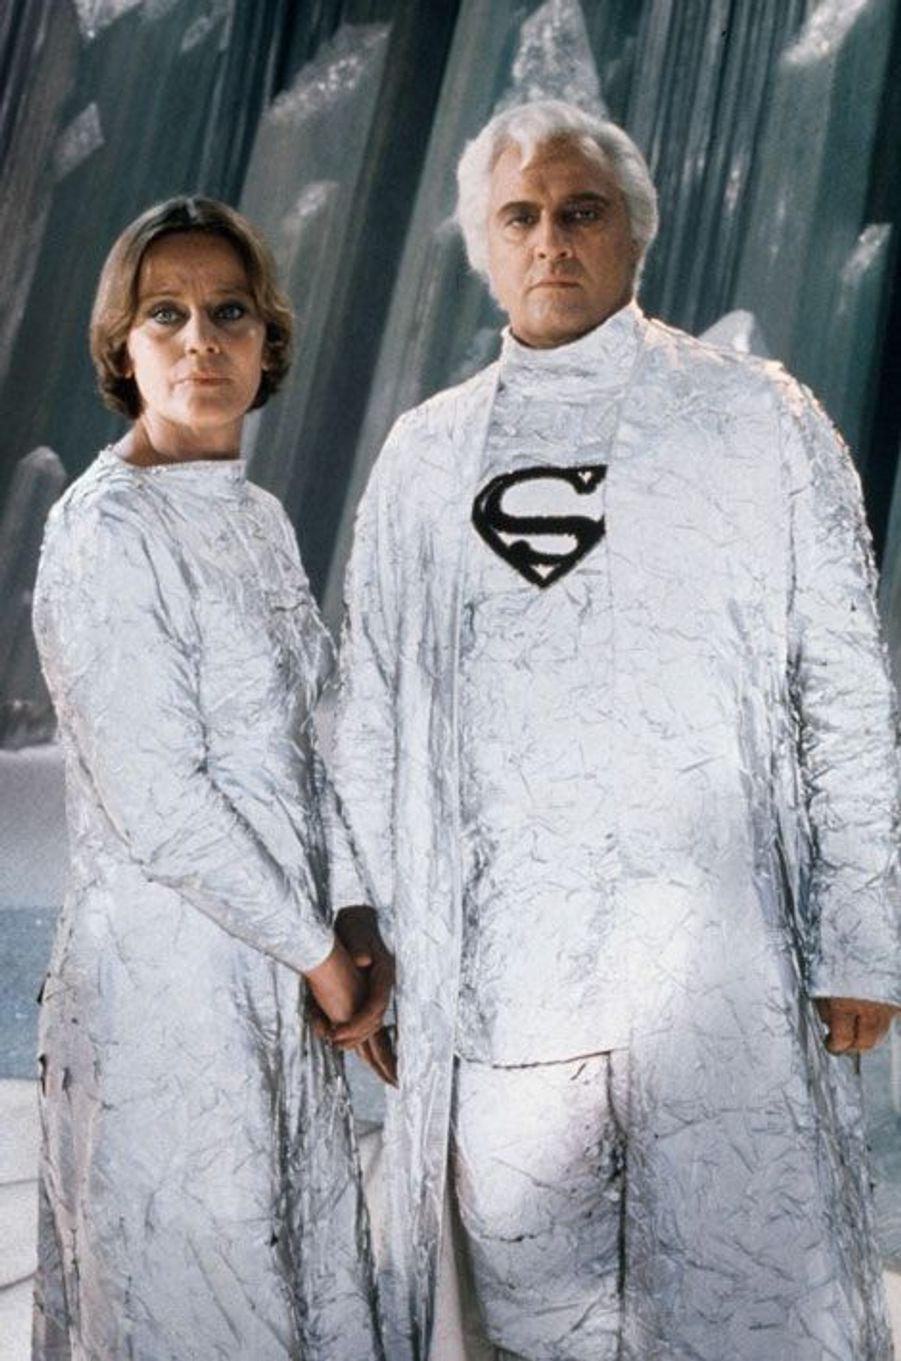 A la fin des années 70, Marlon Brando incarne le père de Superman, Jor-El, dans le «Superman» de Richard Donner. Il joue auprès de Maria Shell, Gene Hackman et bien sur Christopher Reeve.